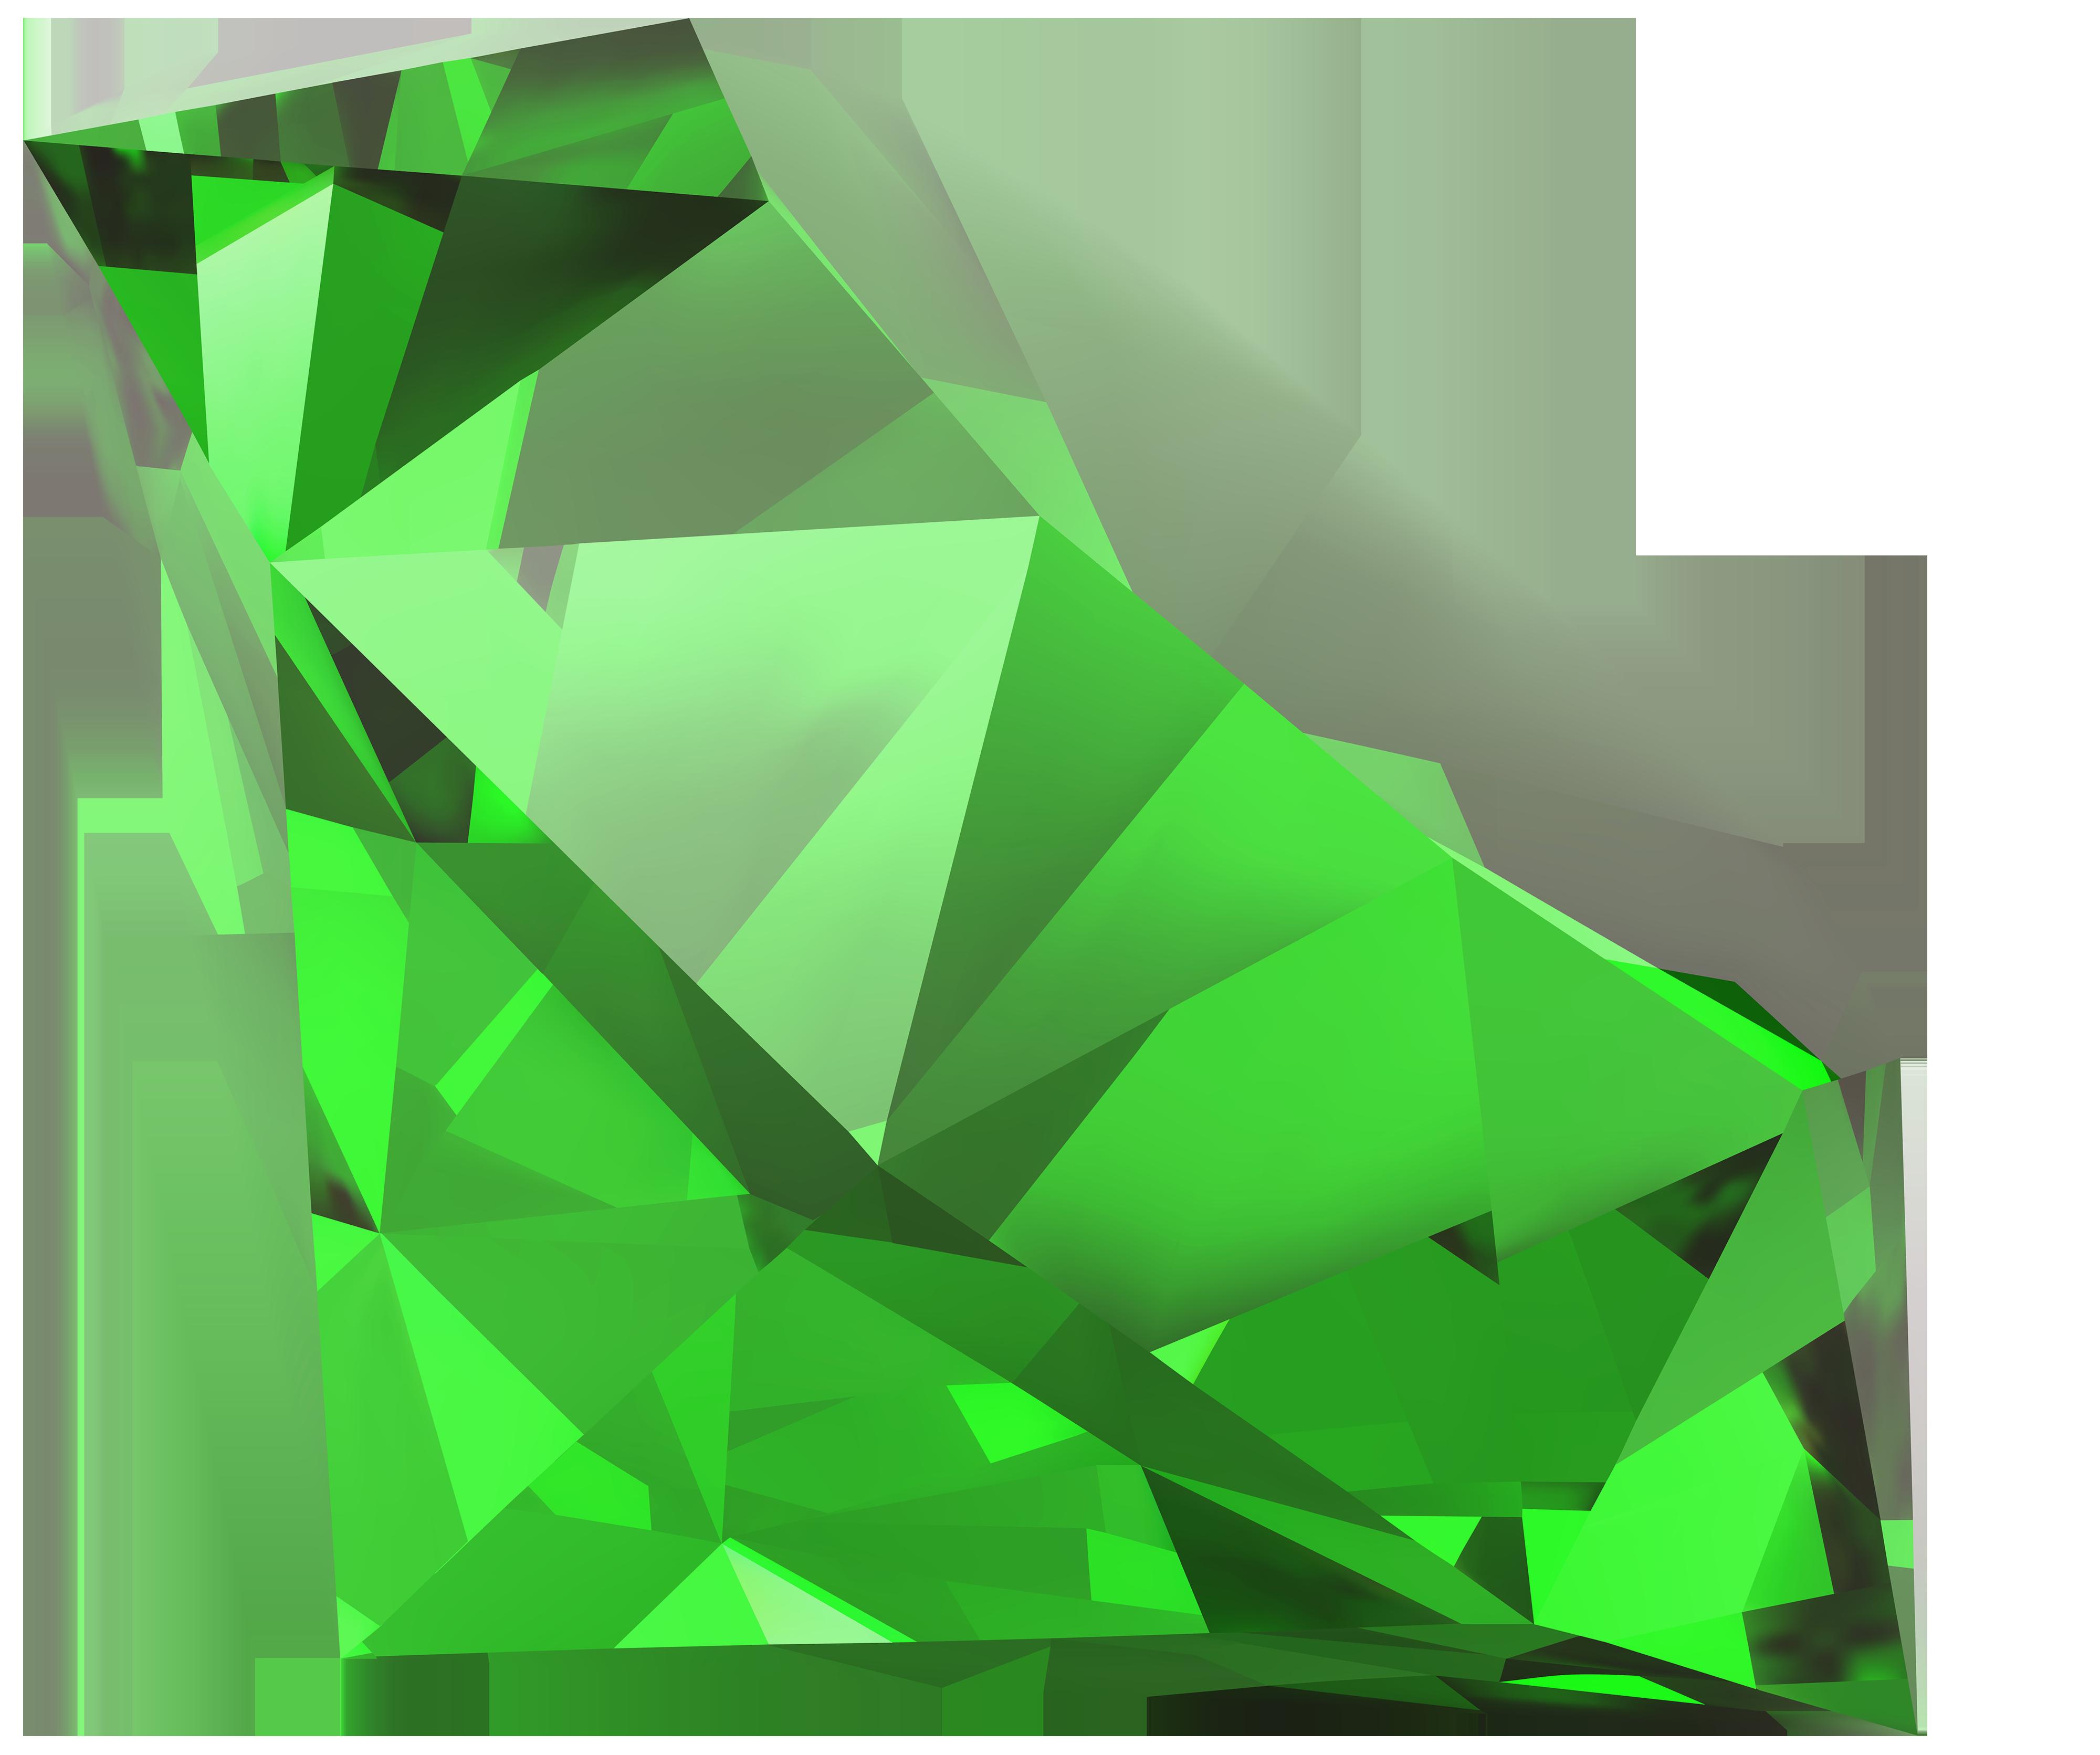 Diamond clipart cartoon. Emerald png best web